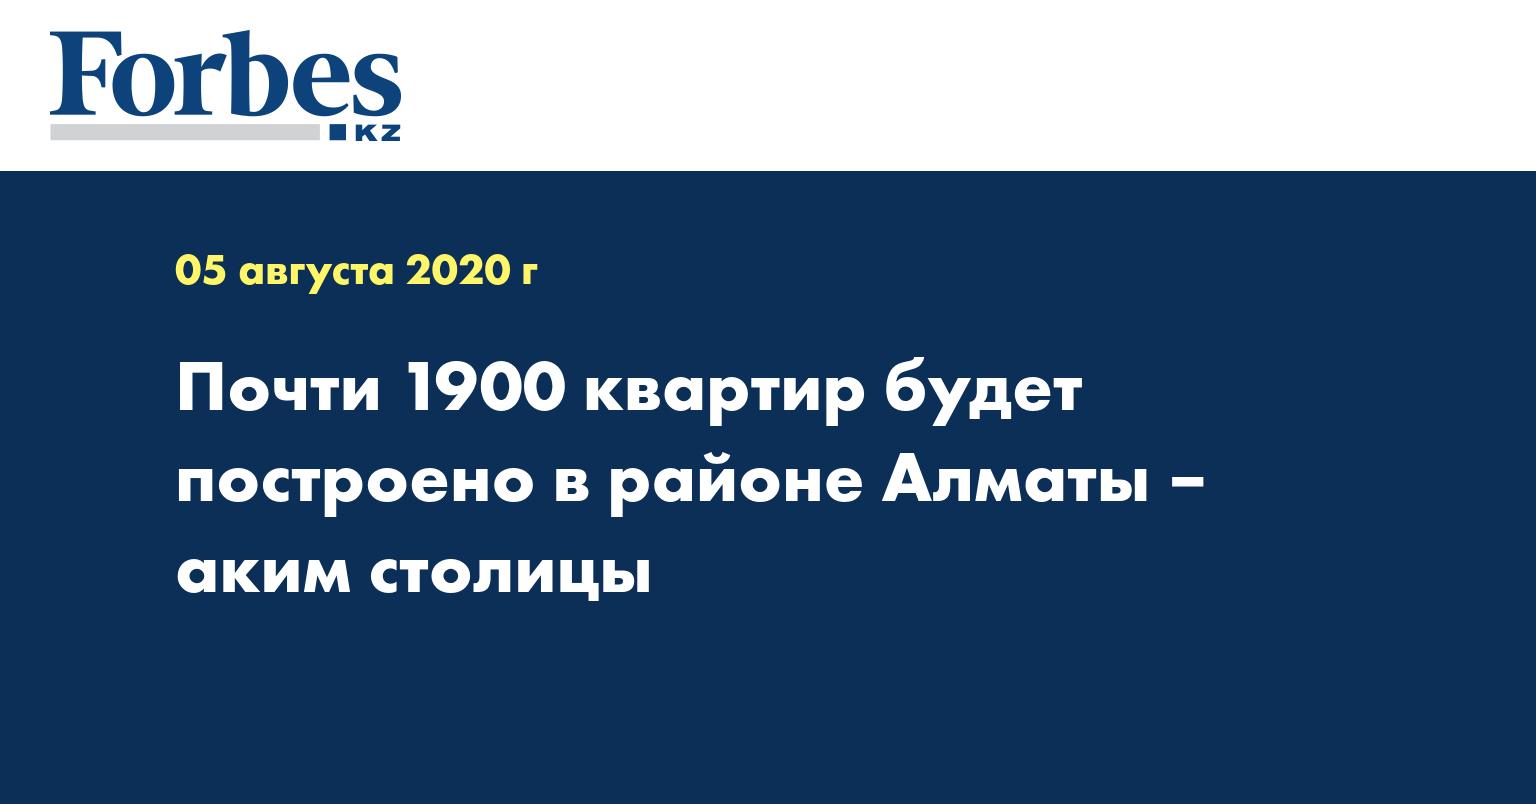 Почти 1900 квартир будет построено в районе Алматы – аким столицы